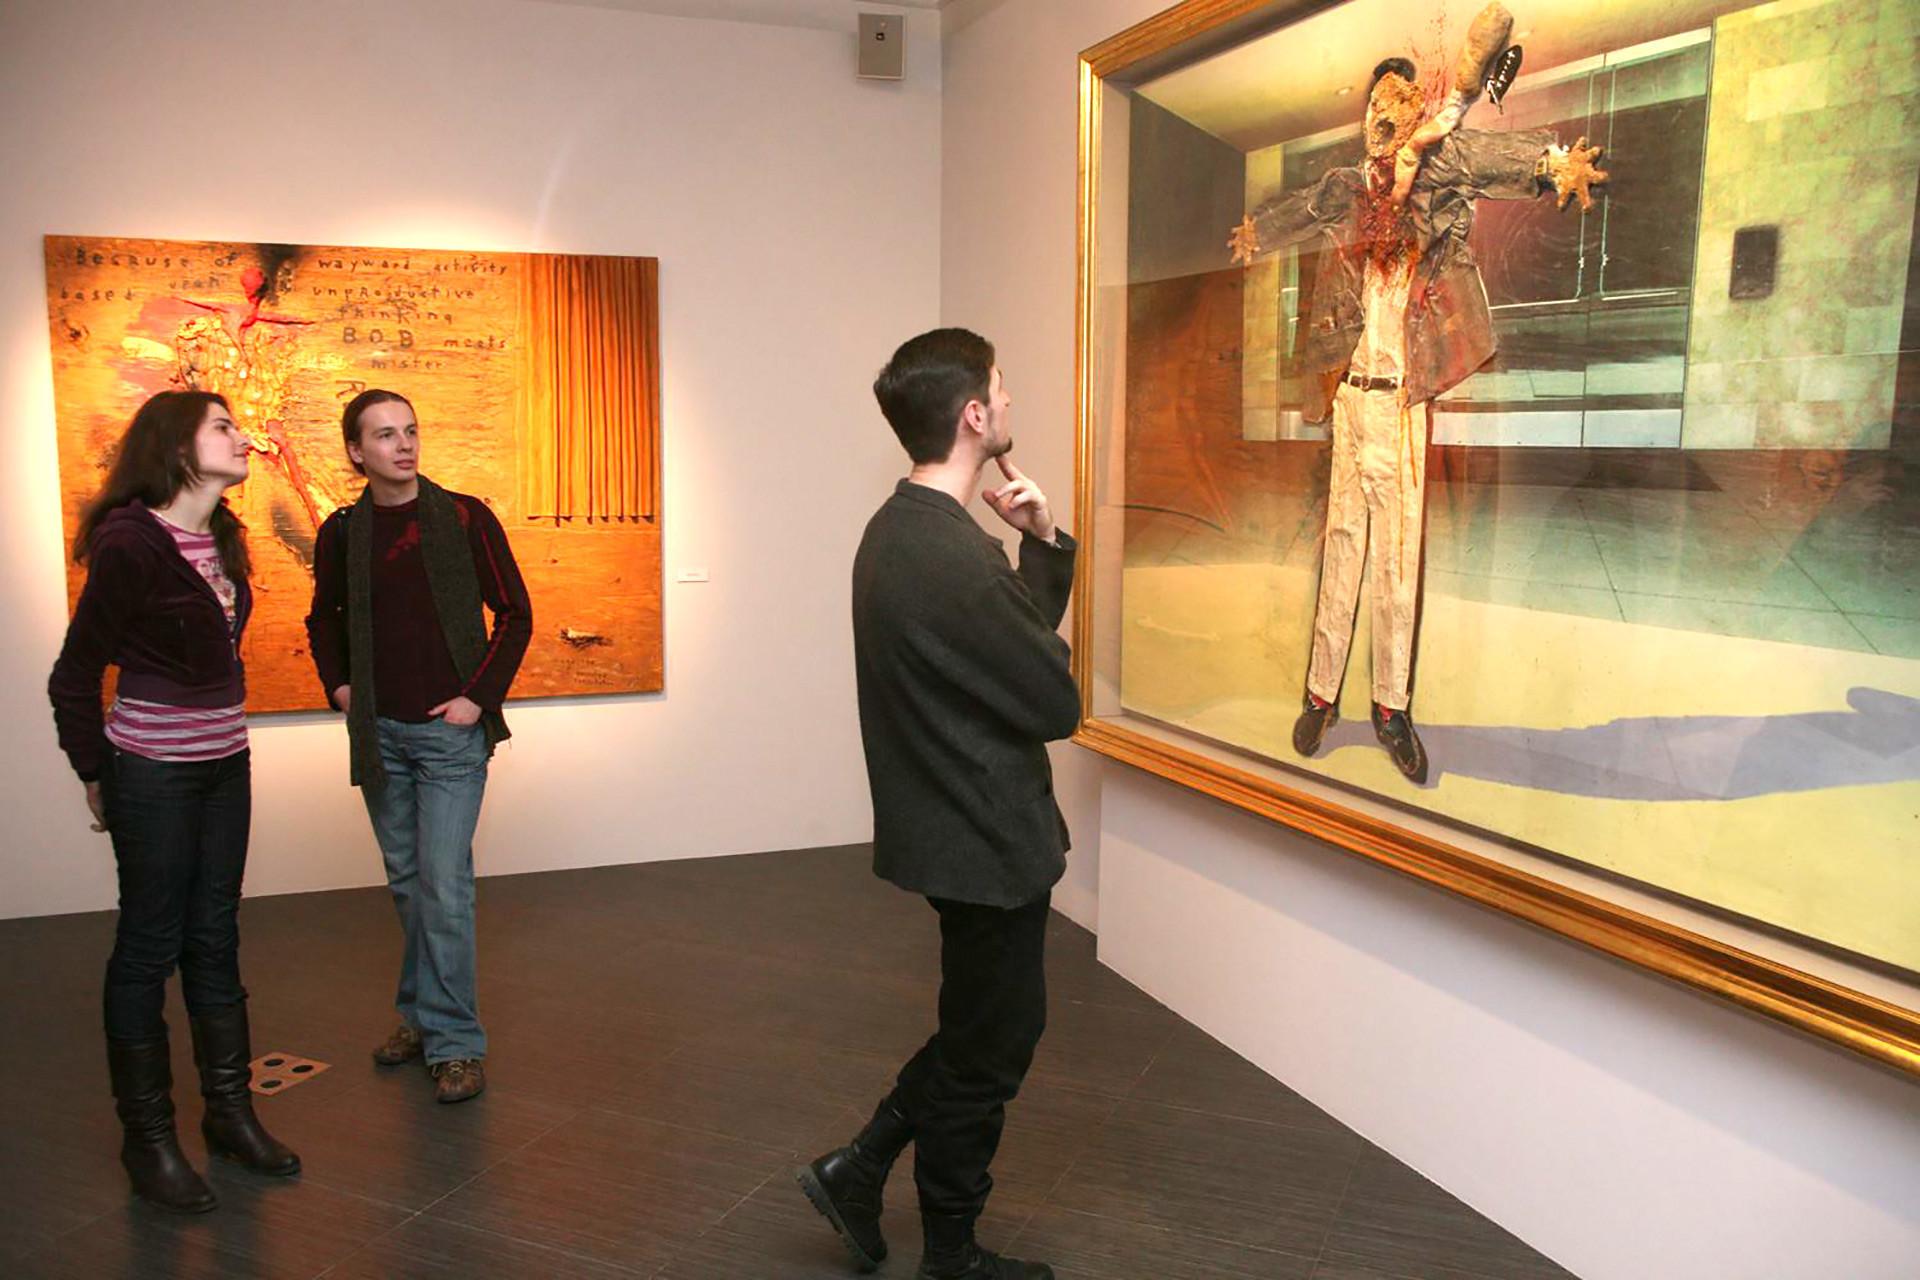 Exposições 'blockbuster' itinerantes, como 'Os anos de Grace Kelly' são um dos focos da Fundação Cultural Ekaterina.